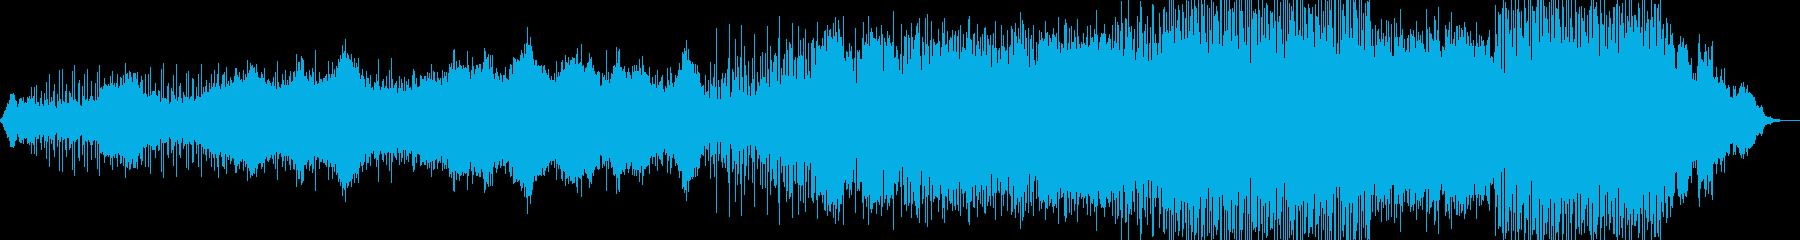 ミステリアスなニューエイジ音楽の再生済みの波形